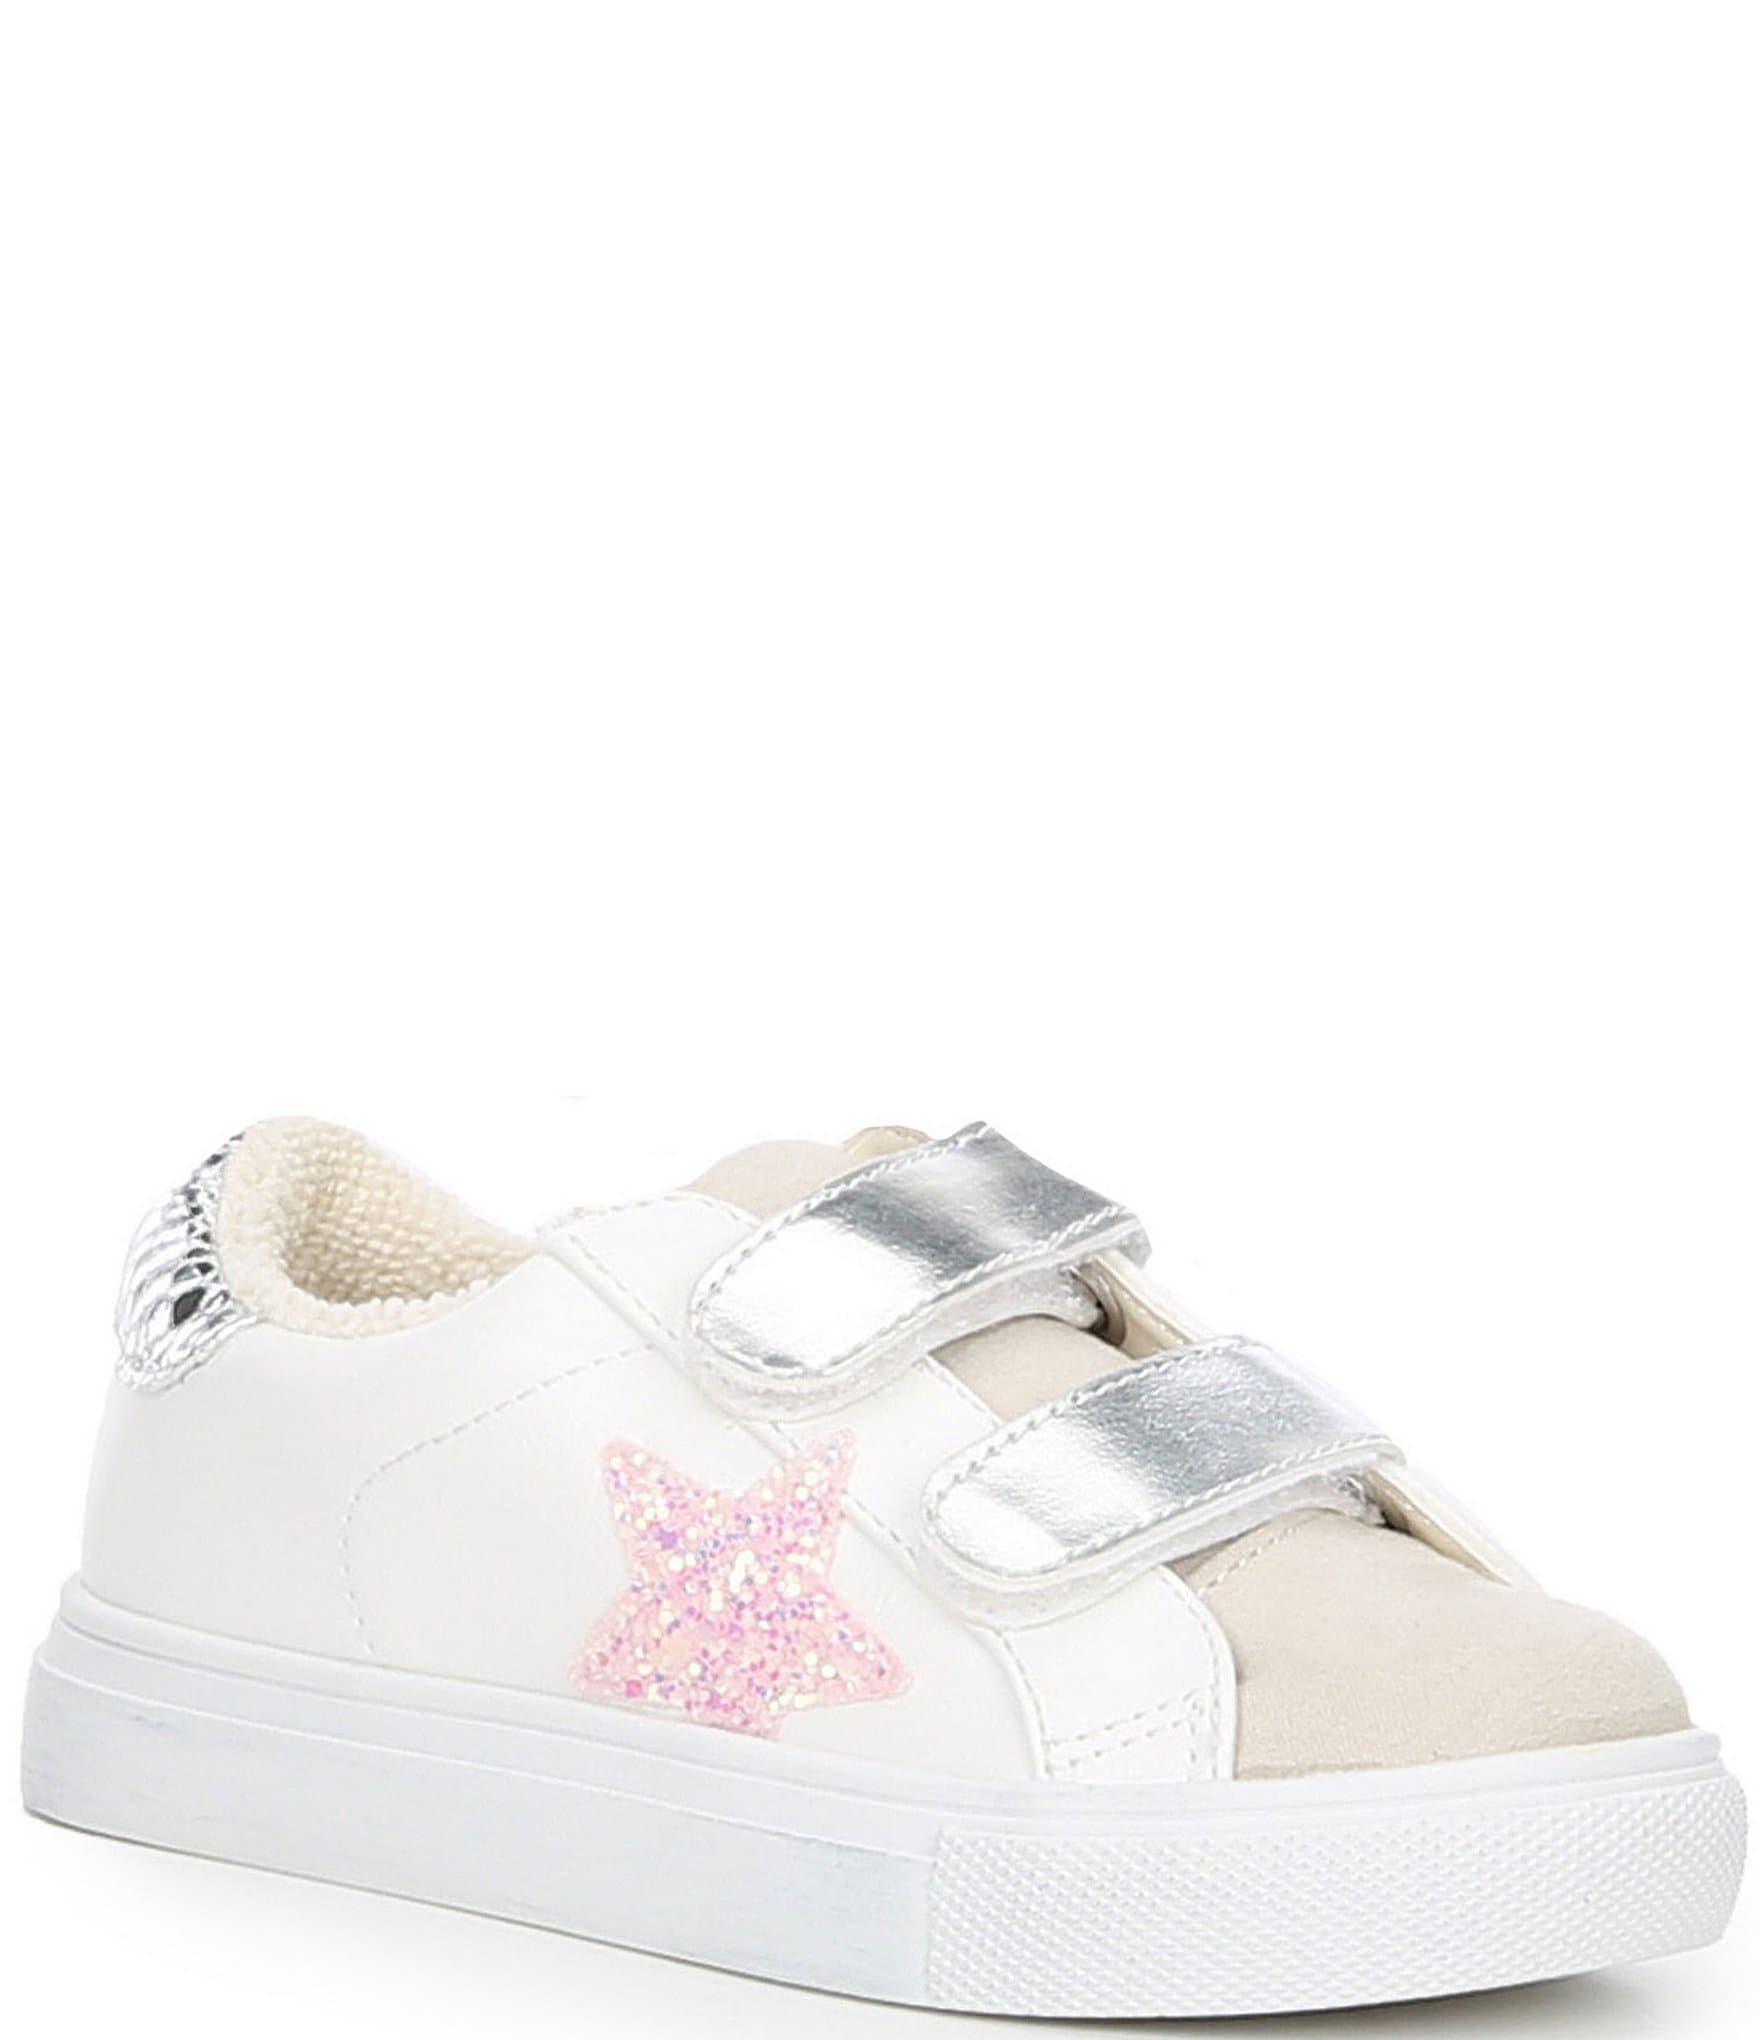 Steve Madden Girls' T-Rezume Sneakers